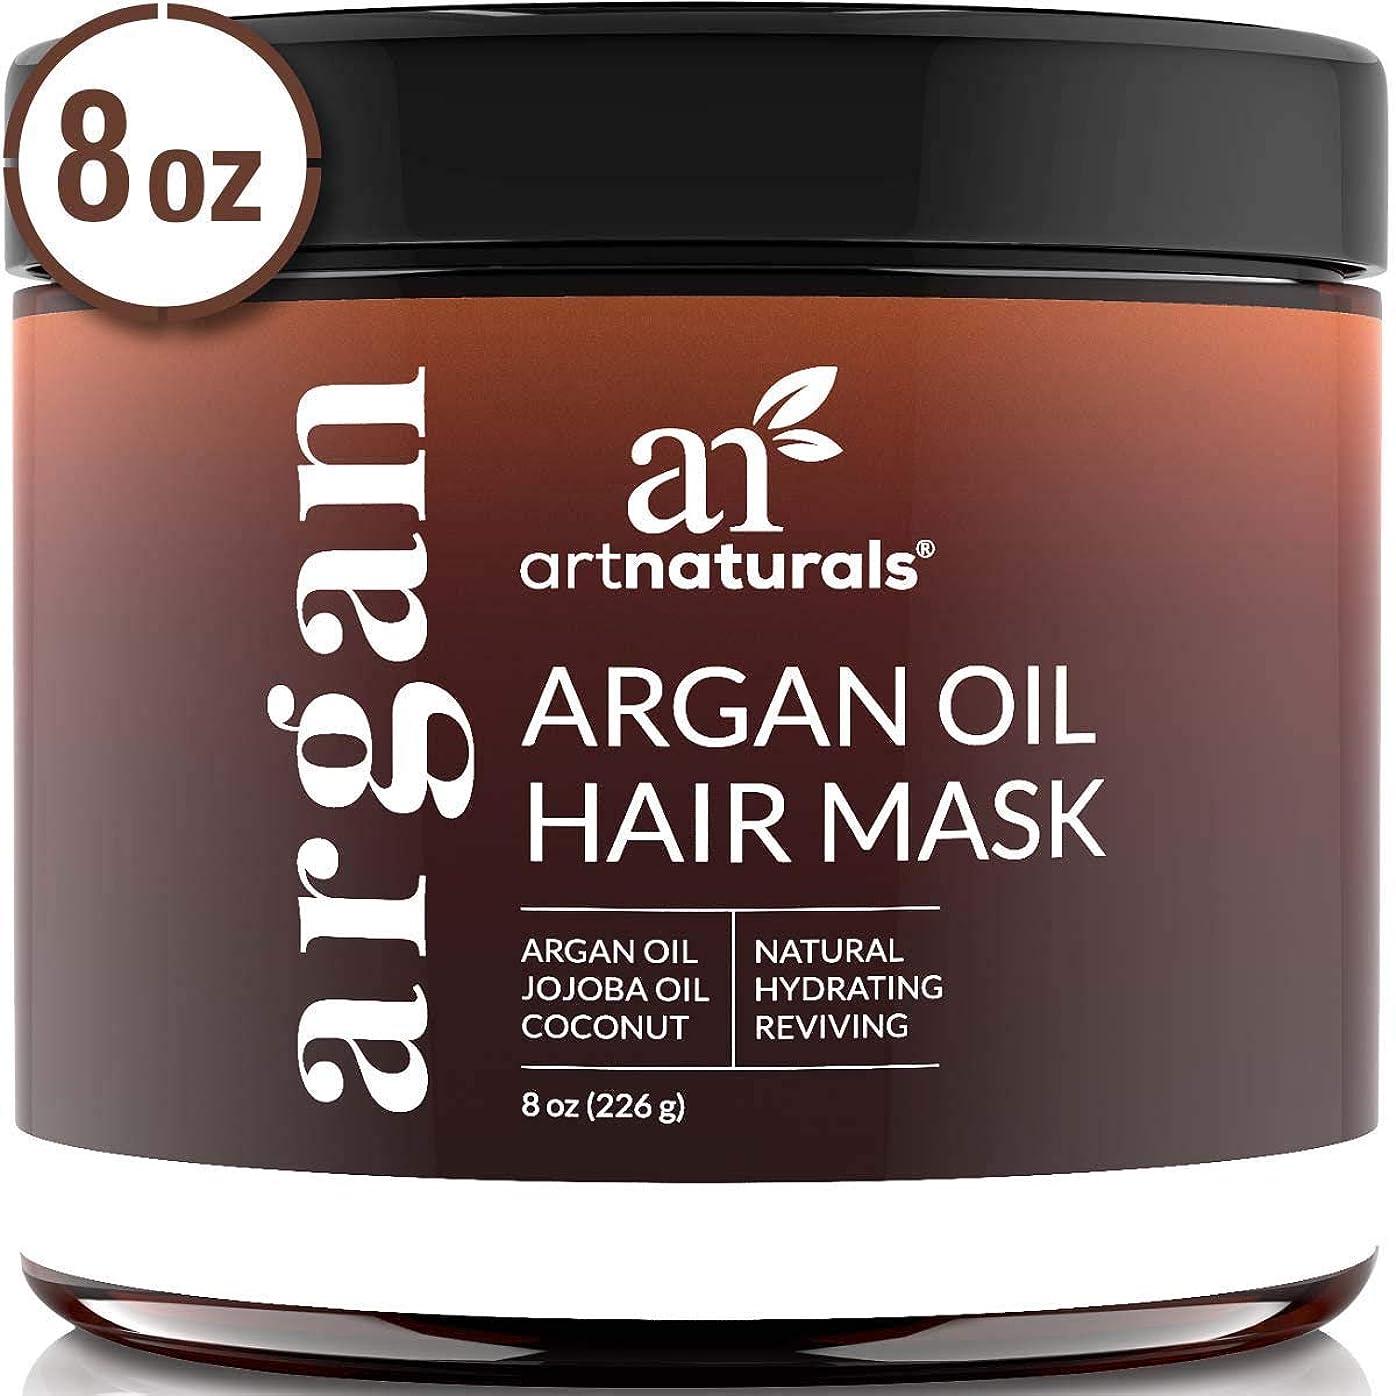 移行急降下散歩ArtNaturals Argan Oil Hair Mask - Deep Conditioner, 100% Organic Jojoba, Aloe Vera and Keratin, Repair Dry, Damaged or Color Treated Hair after Shampoo for All Hair Types, Sulfate Free, 8 oz.